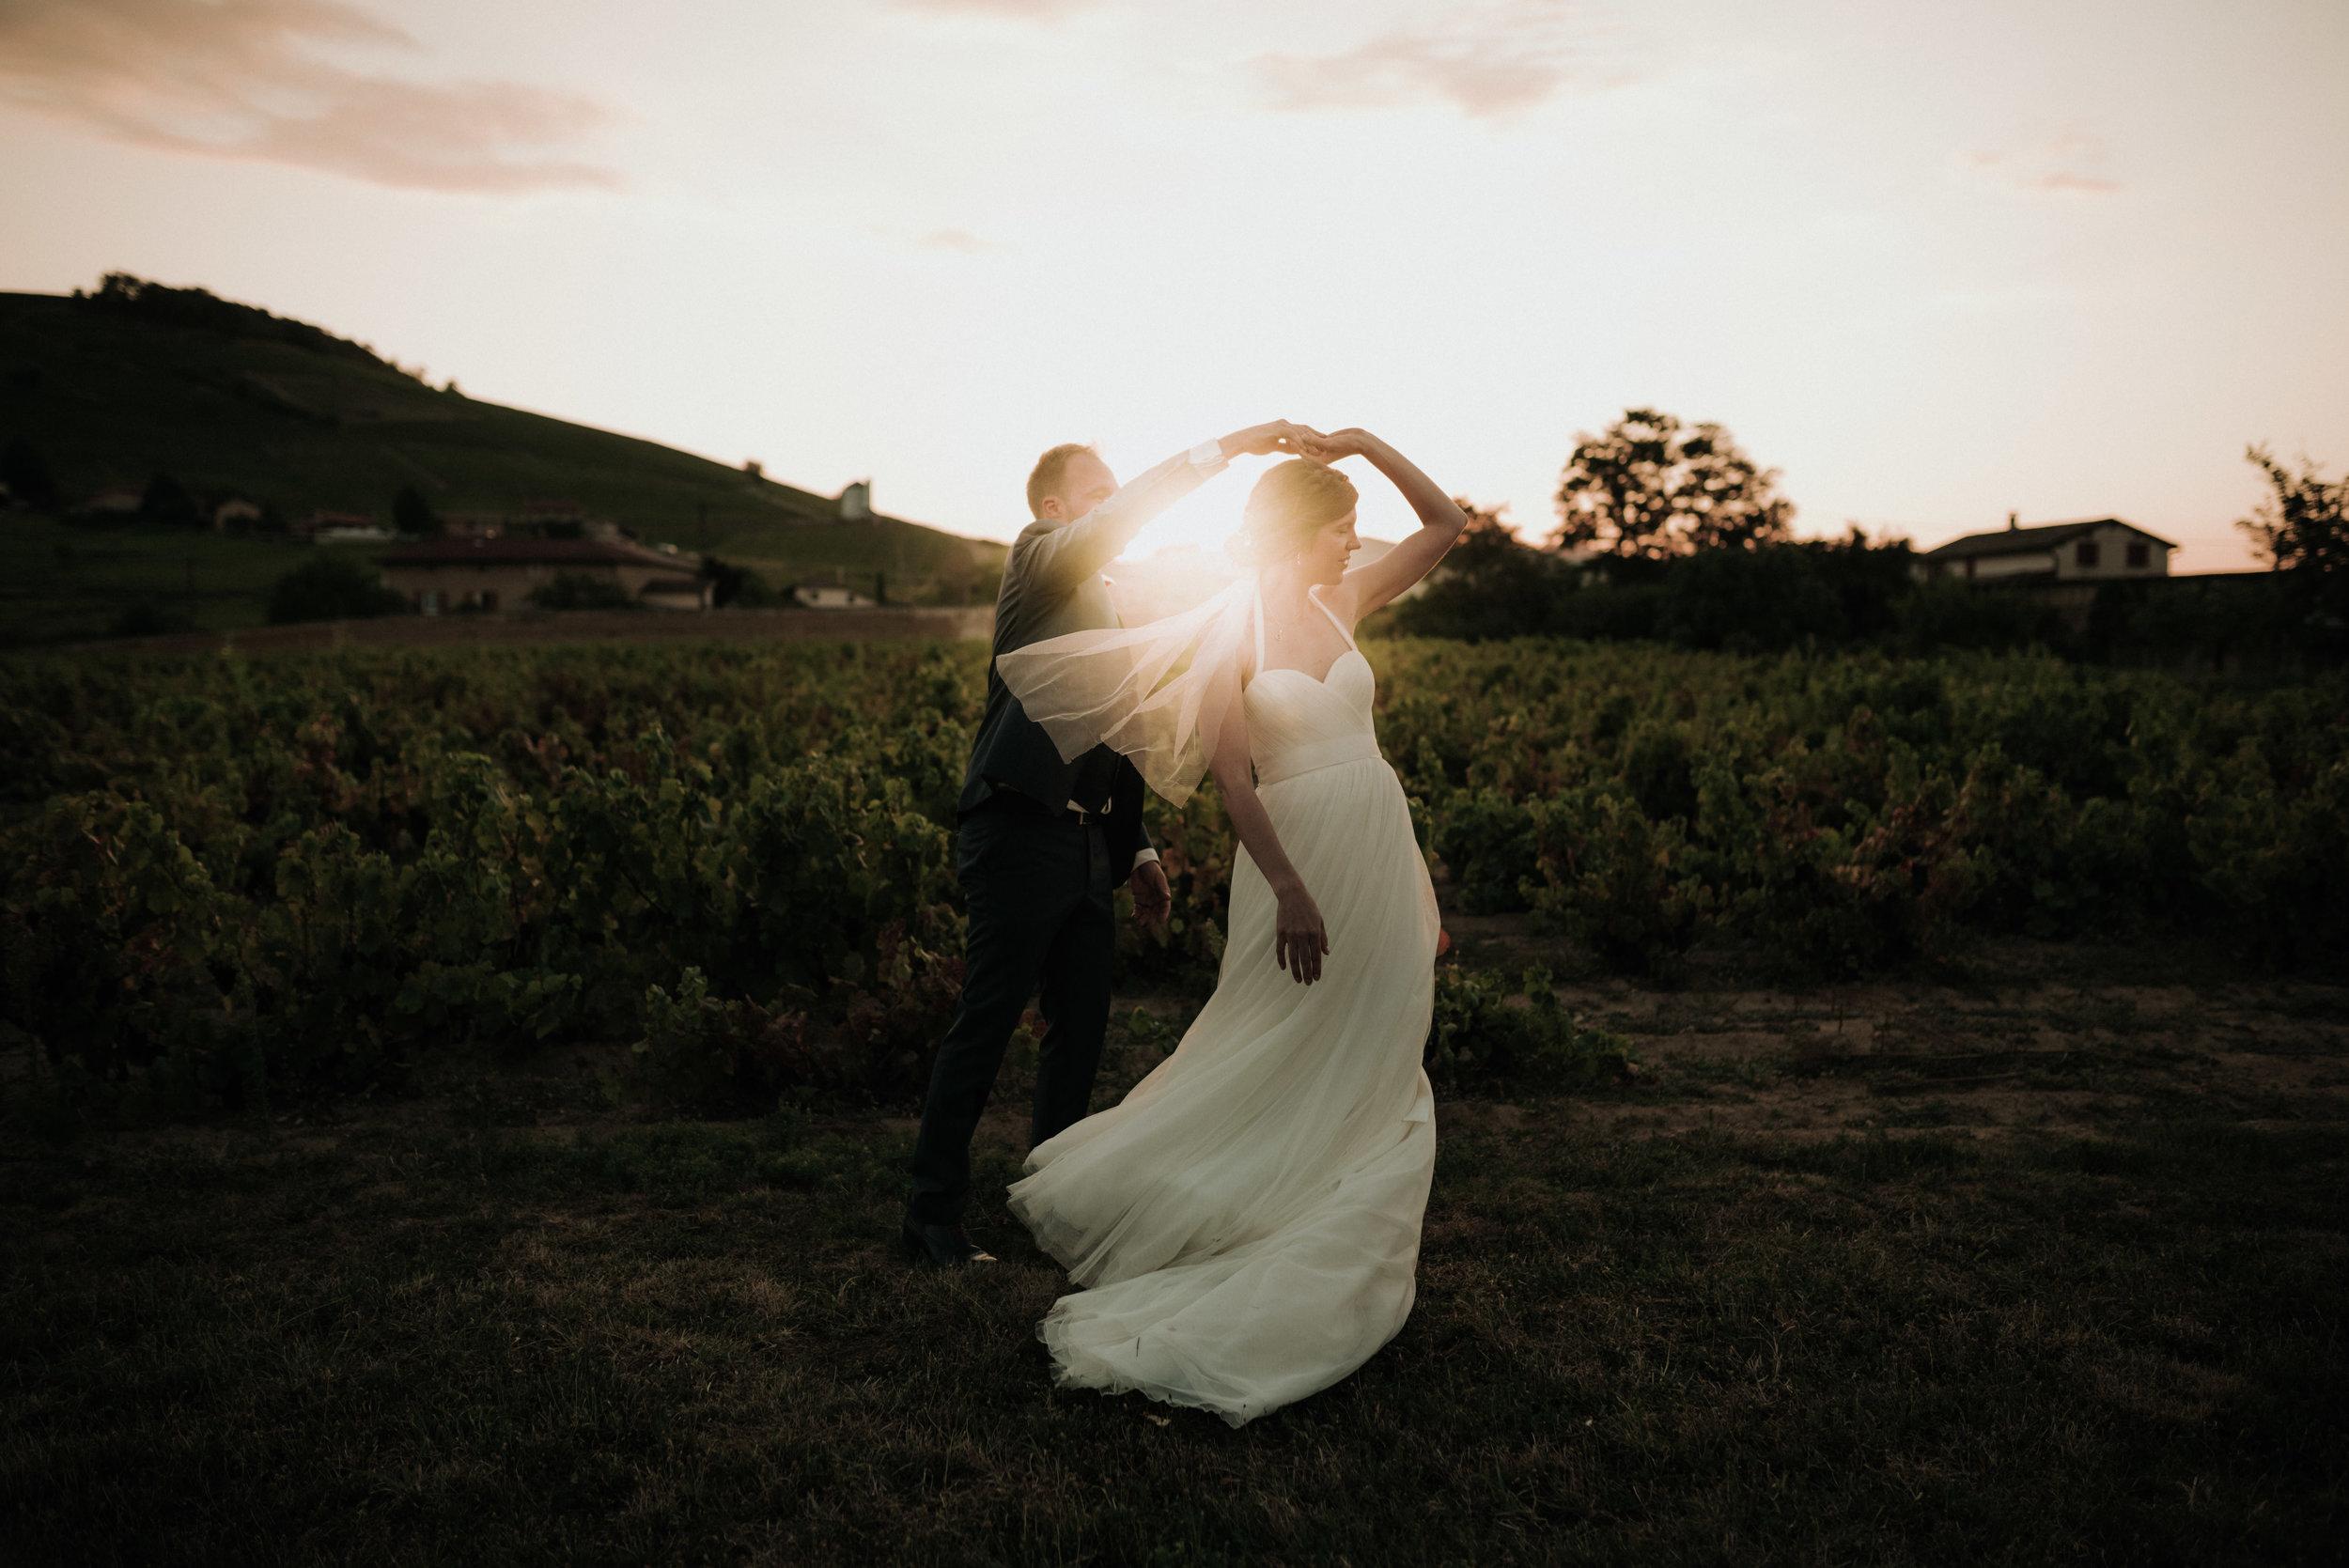 Léa-Fery-photographe-professionnel-lyon-rhone-alpes-portrait-creation-mariage-evenement-evenementiel-famille--148.jpg